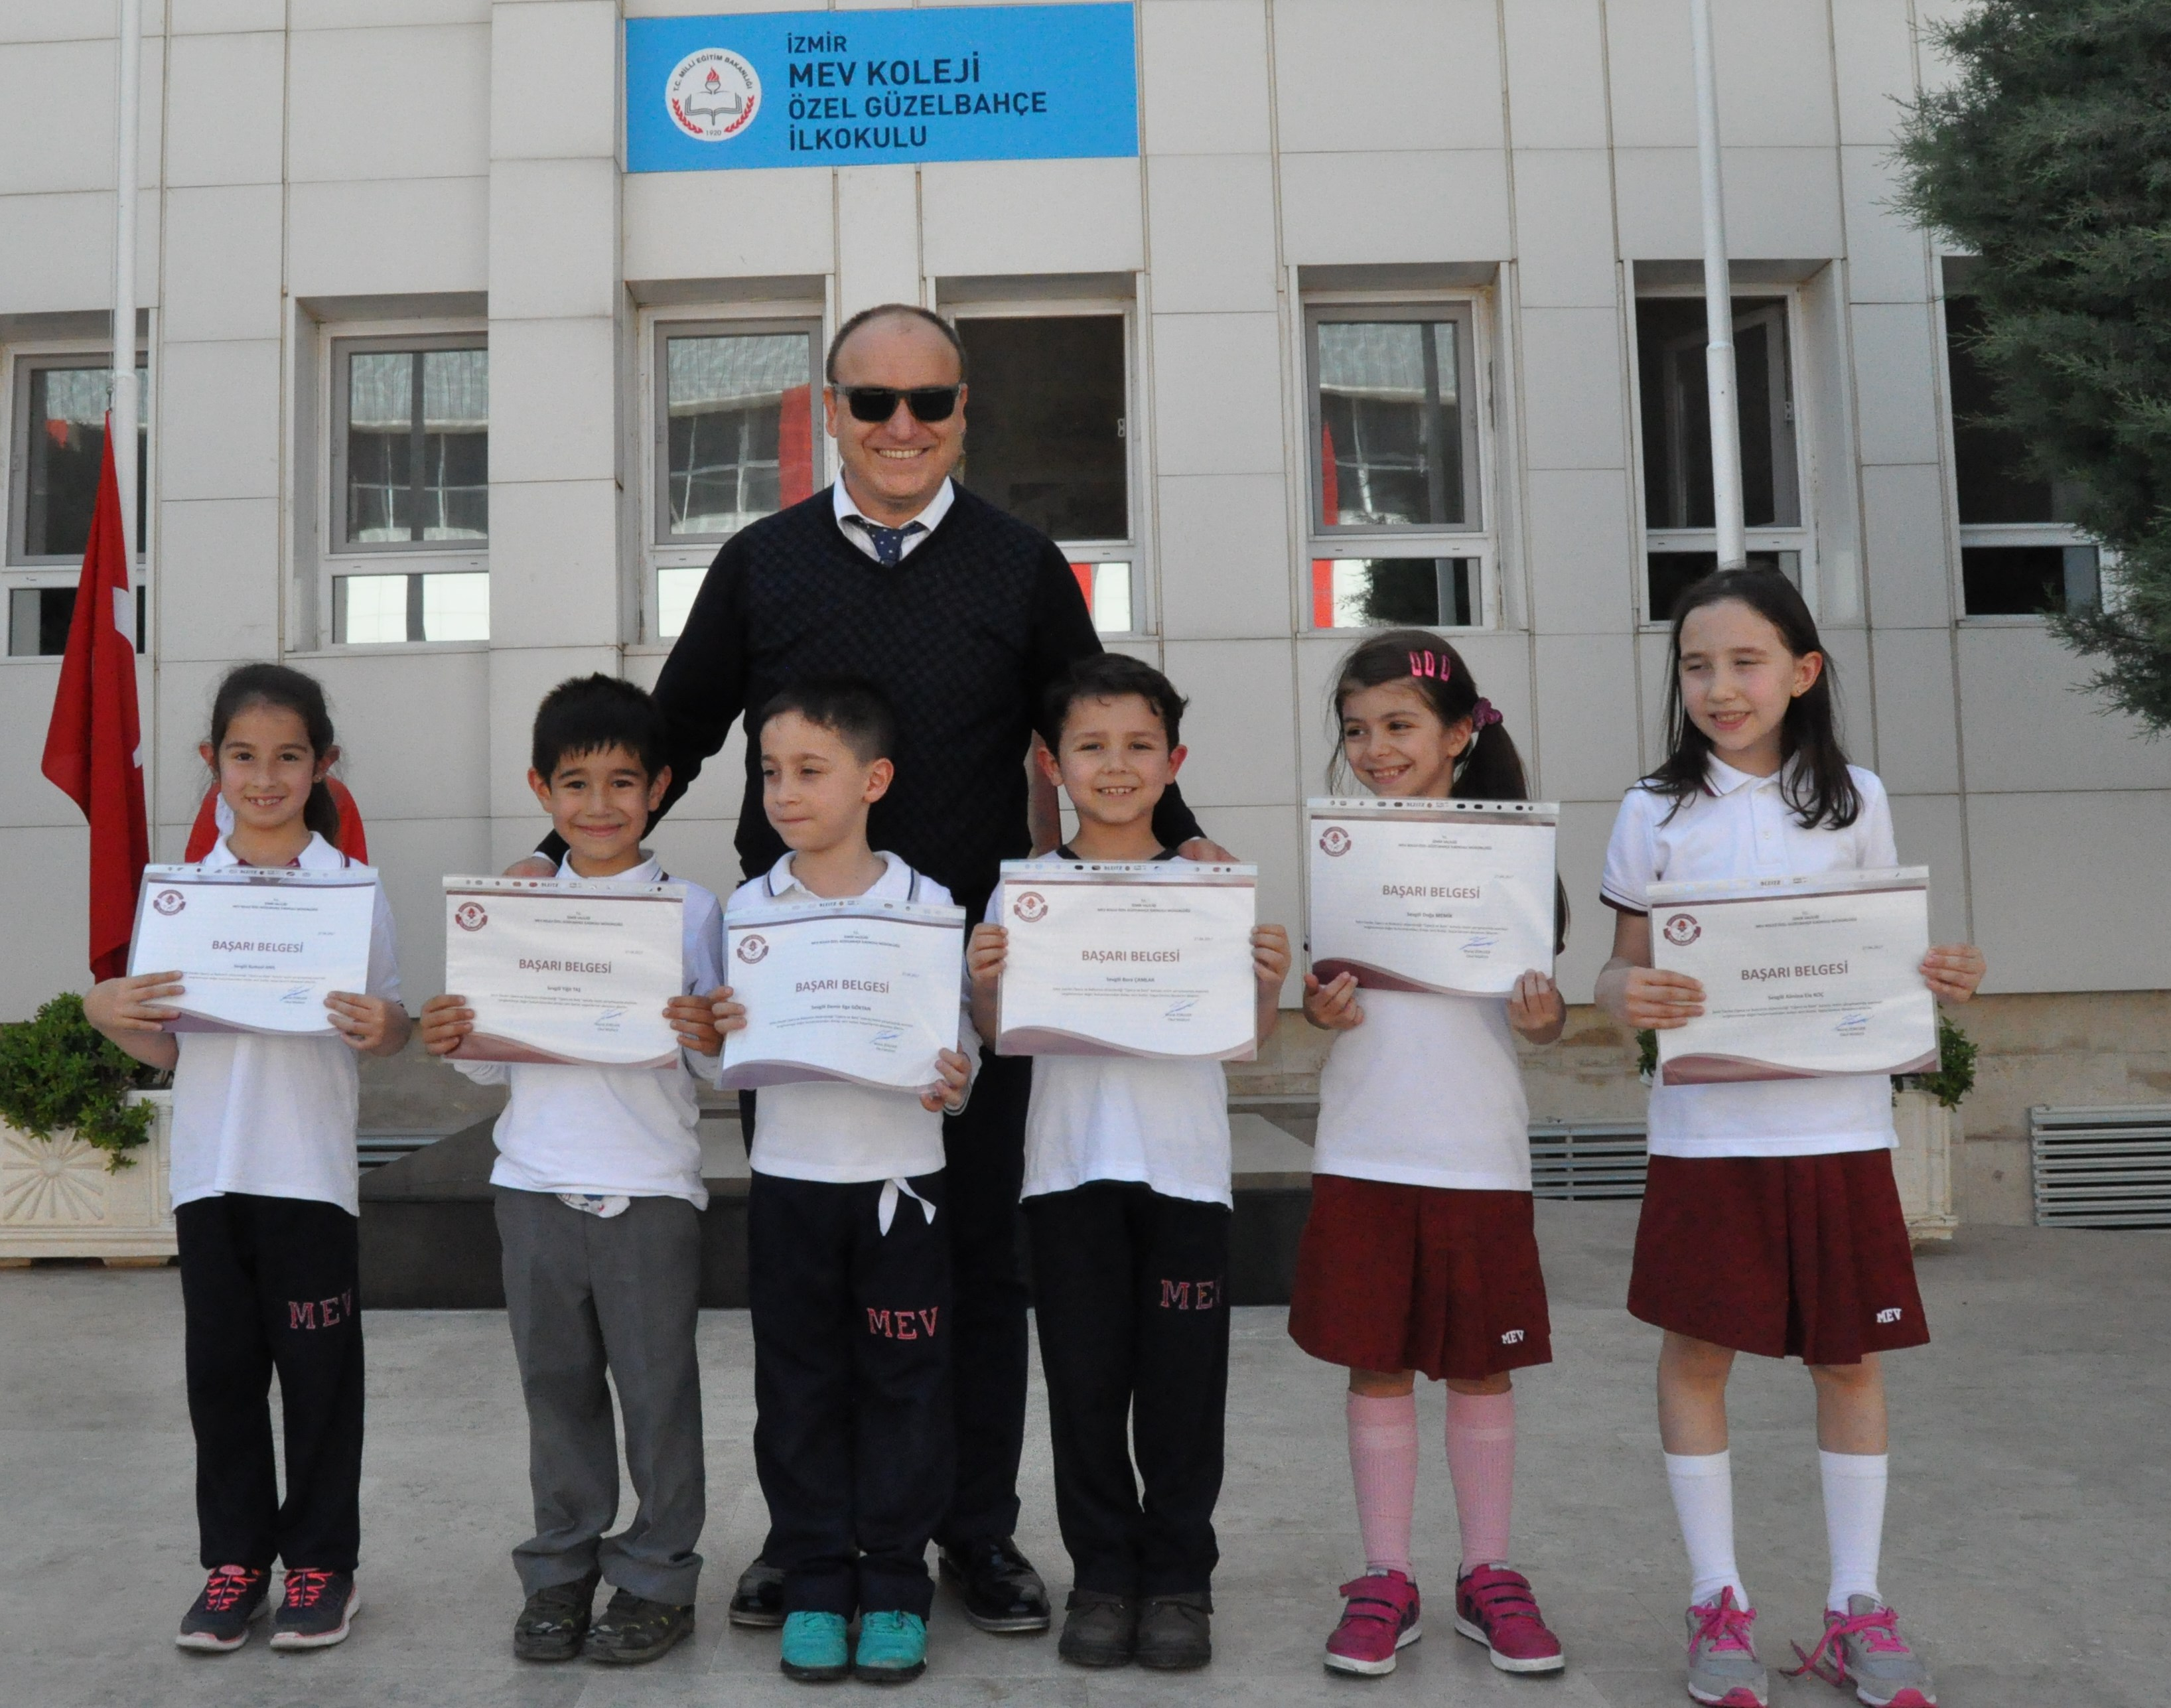 Ödüllü Öğrencilerimiz Okulun Huzurundaydı